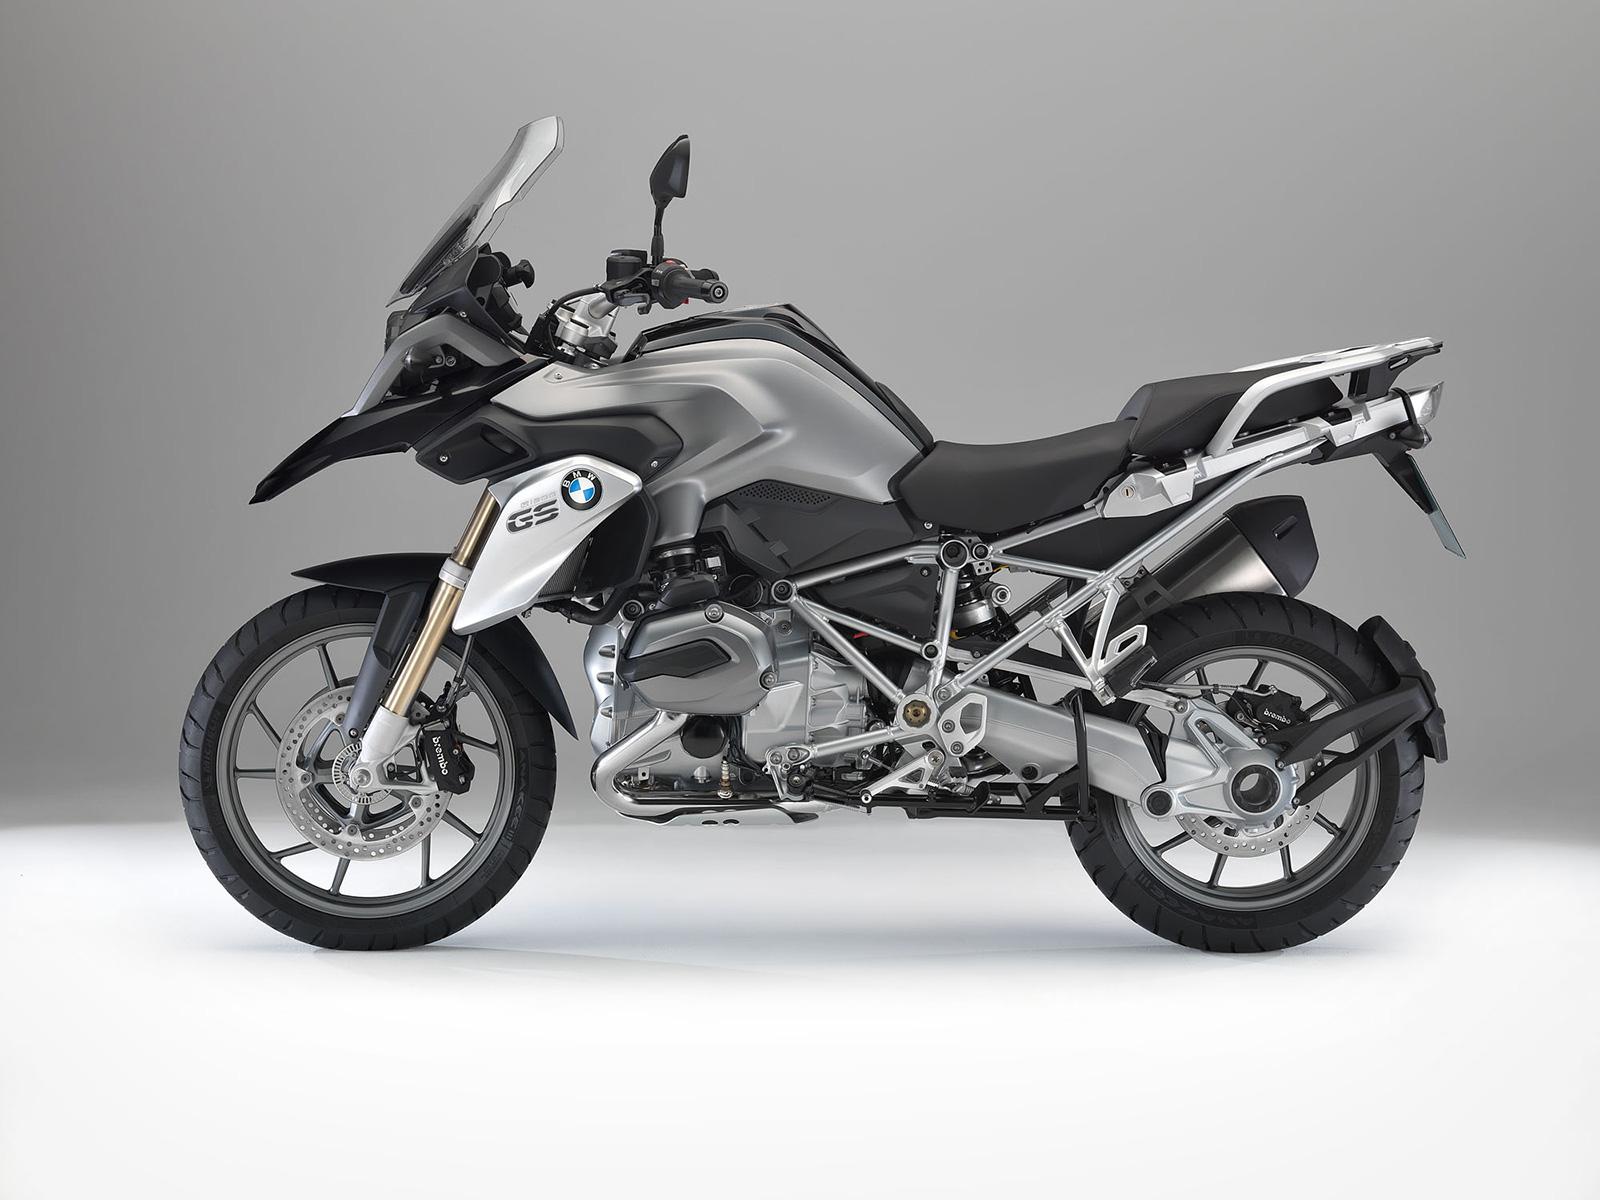 Мотоцикл БМВ 1200 гс #6